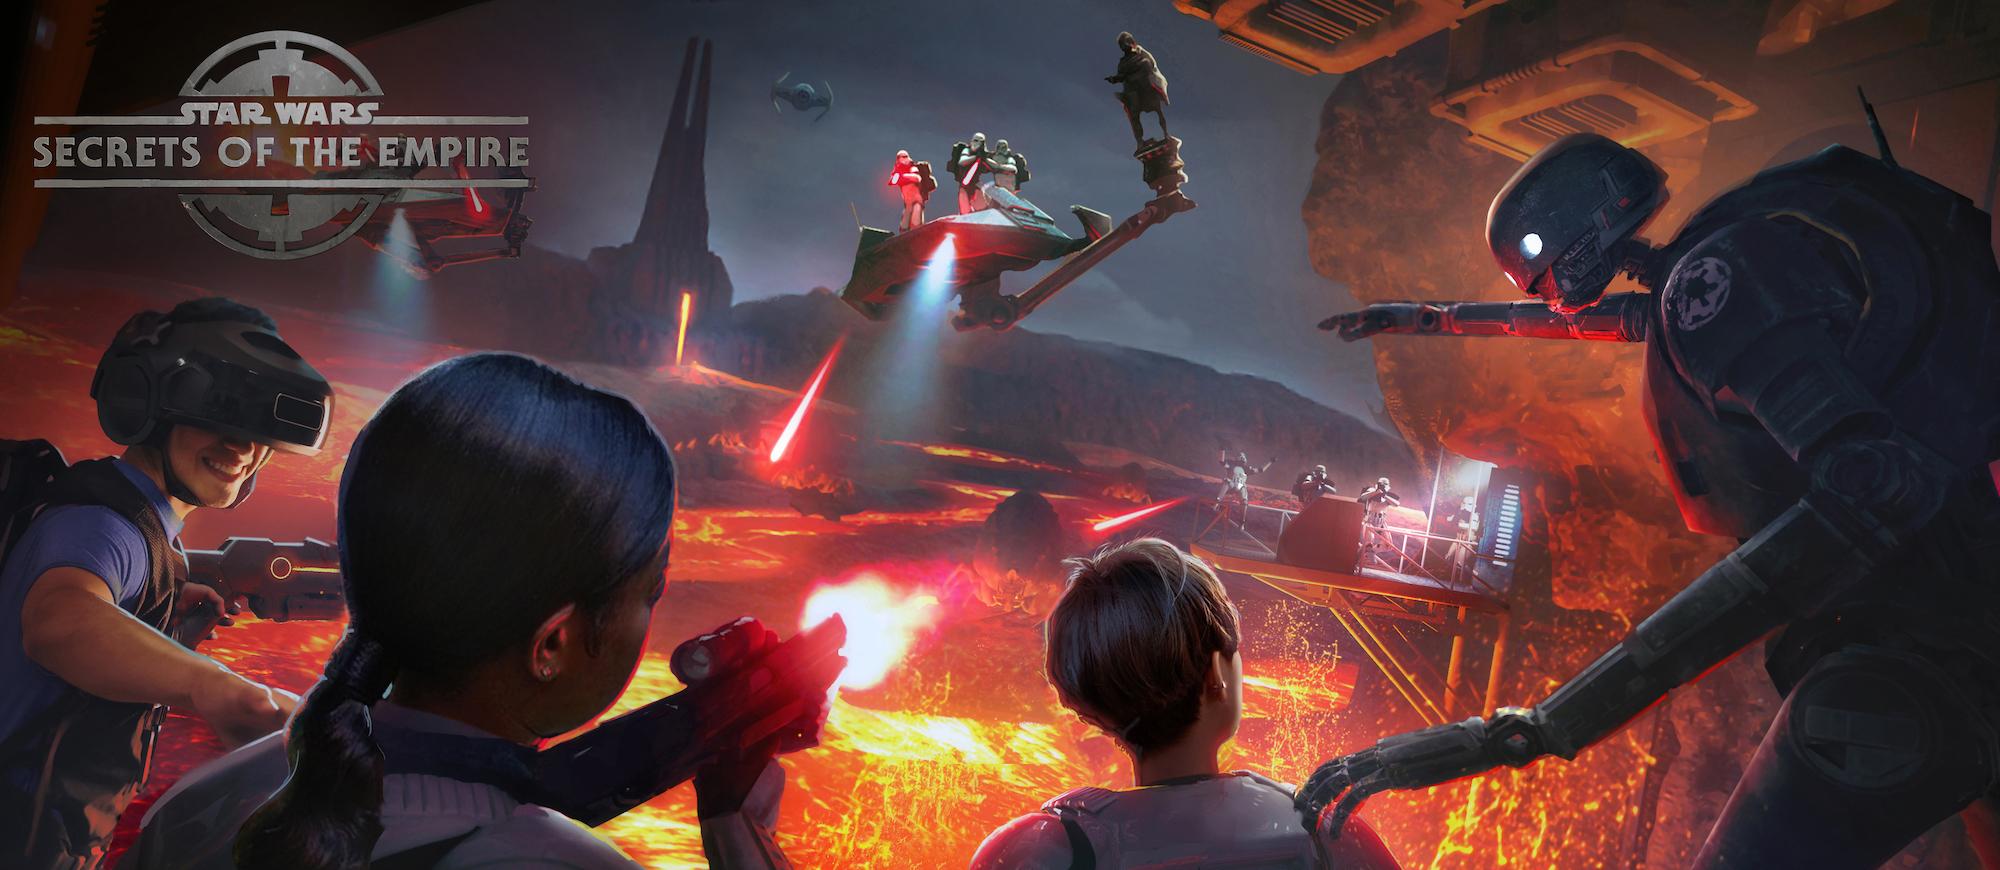 Biglietti ora disponibili per Star Wars: Secrets of the Empire a Disney World Orland e Disneyland Los Angeles